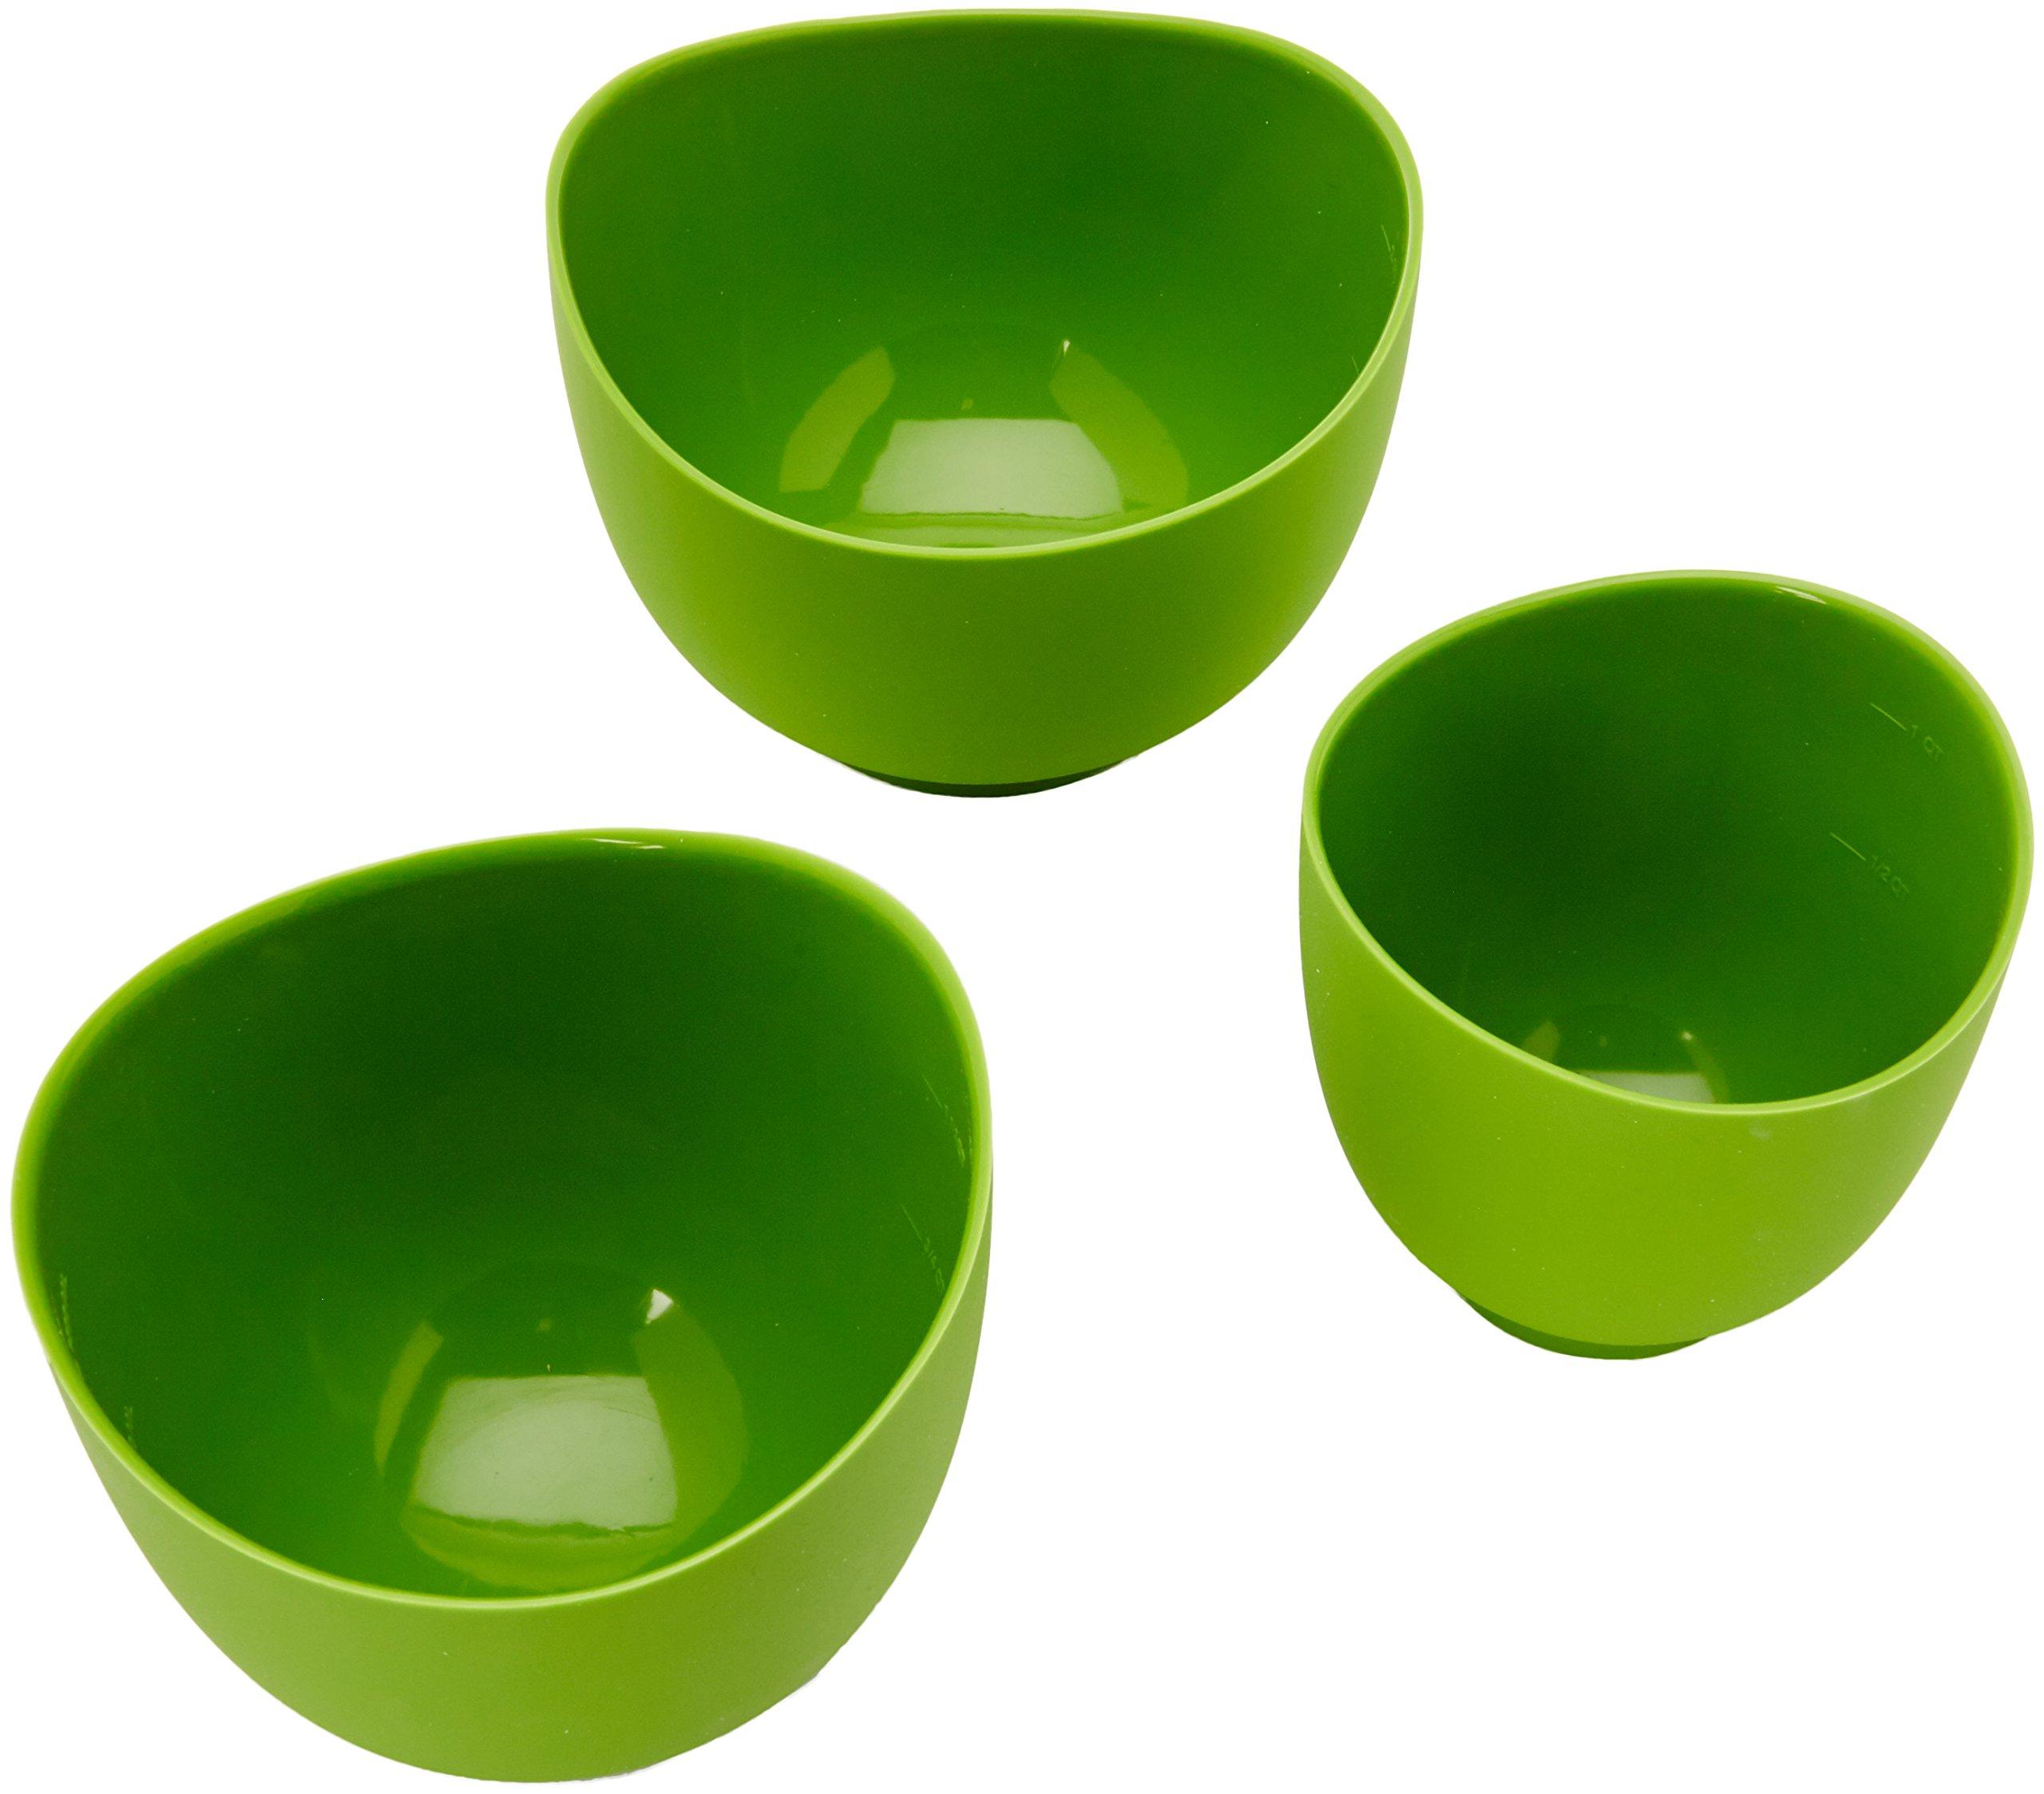 iSi Basics Flexible Silicone Mixing Bowls, Set of 3, 1 QT, 1.5 QT, 2 QT, Green (B25104)